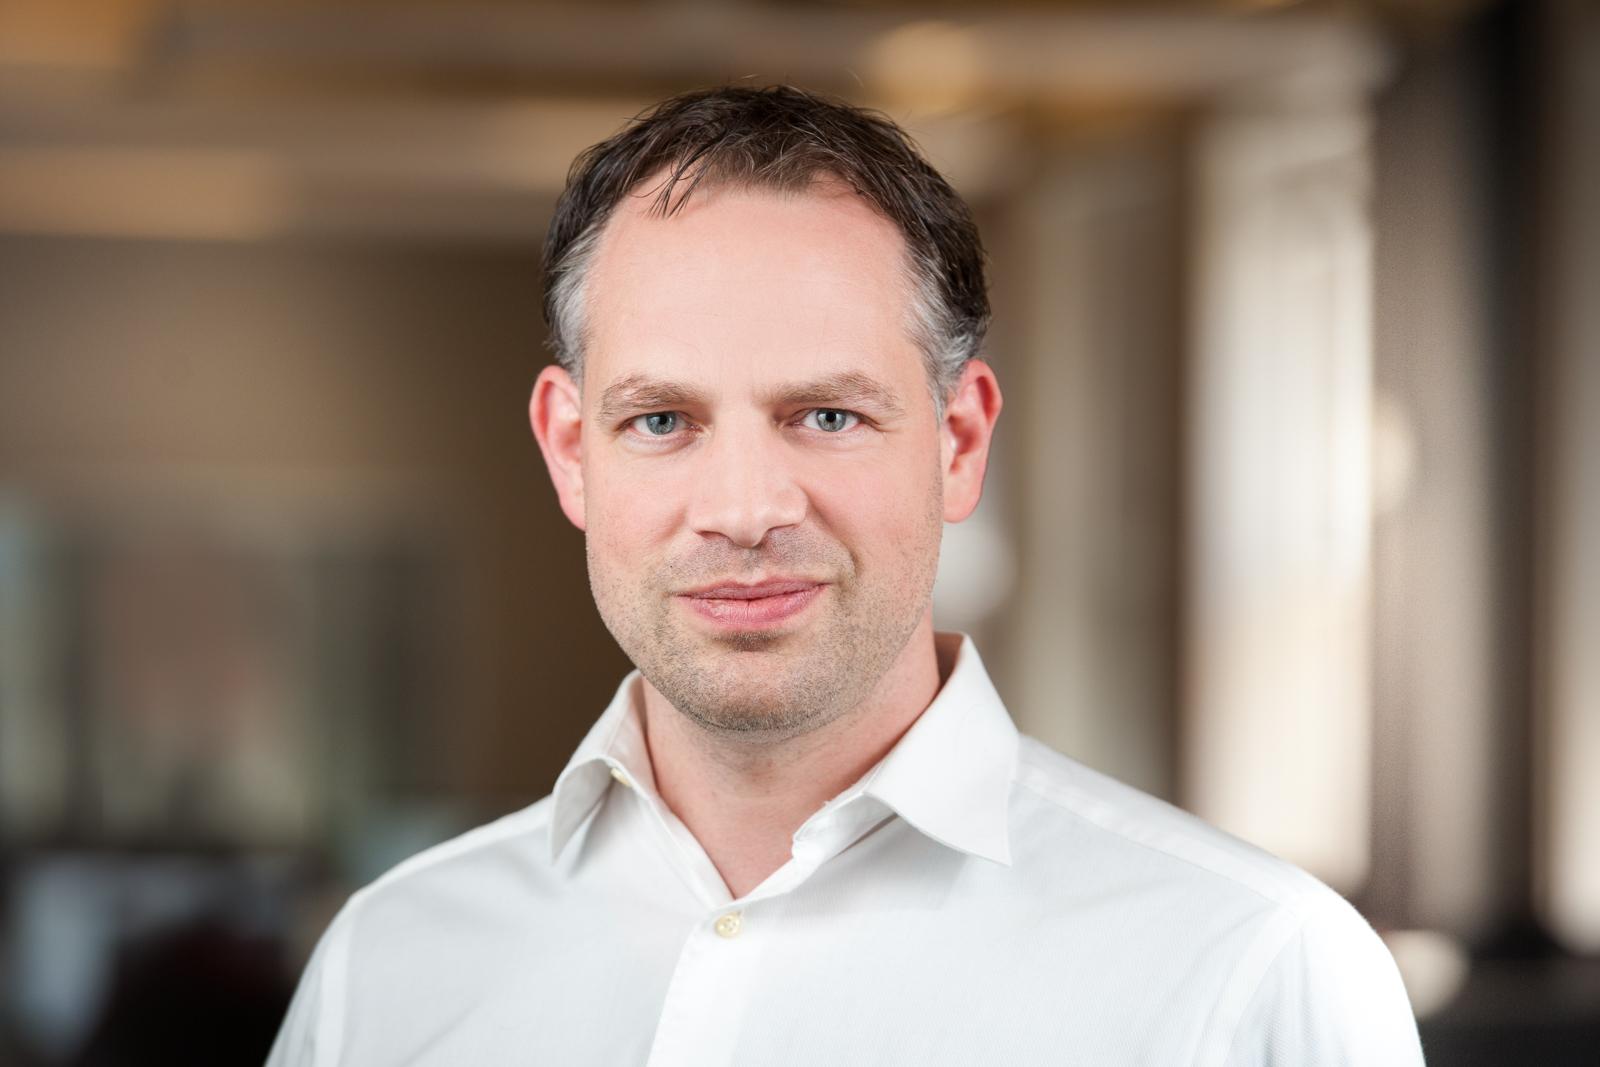 Merijn Terheggen, cofounder and CEO, HackerOne